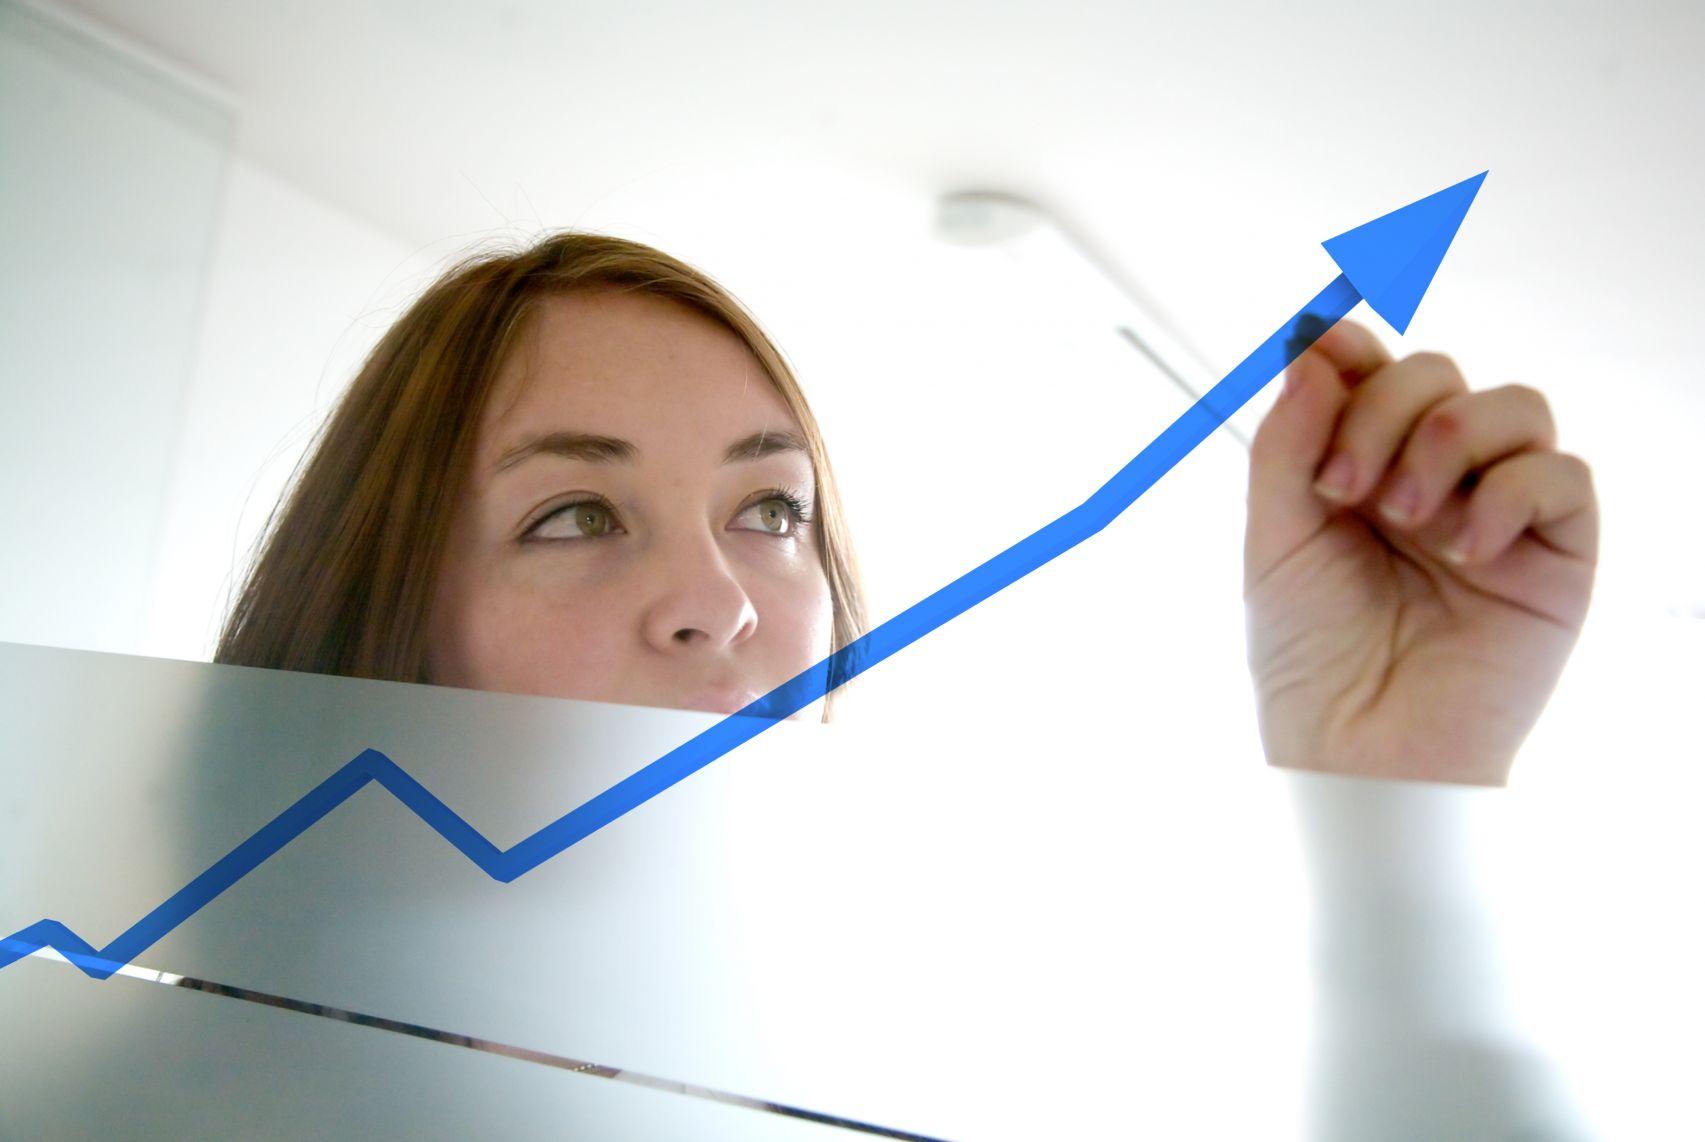 Aumenti assicurazioni del 6% circa nella prima metà del 2011